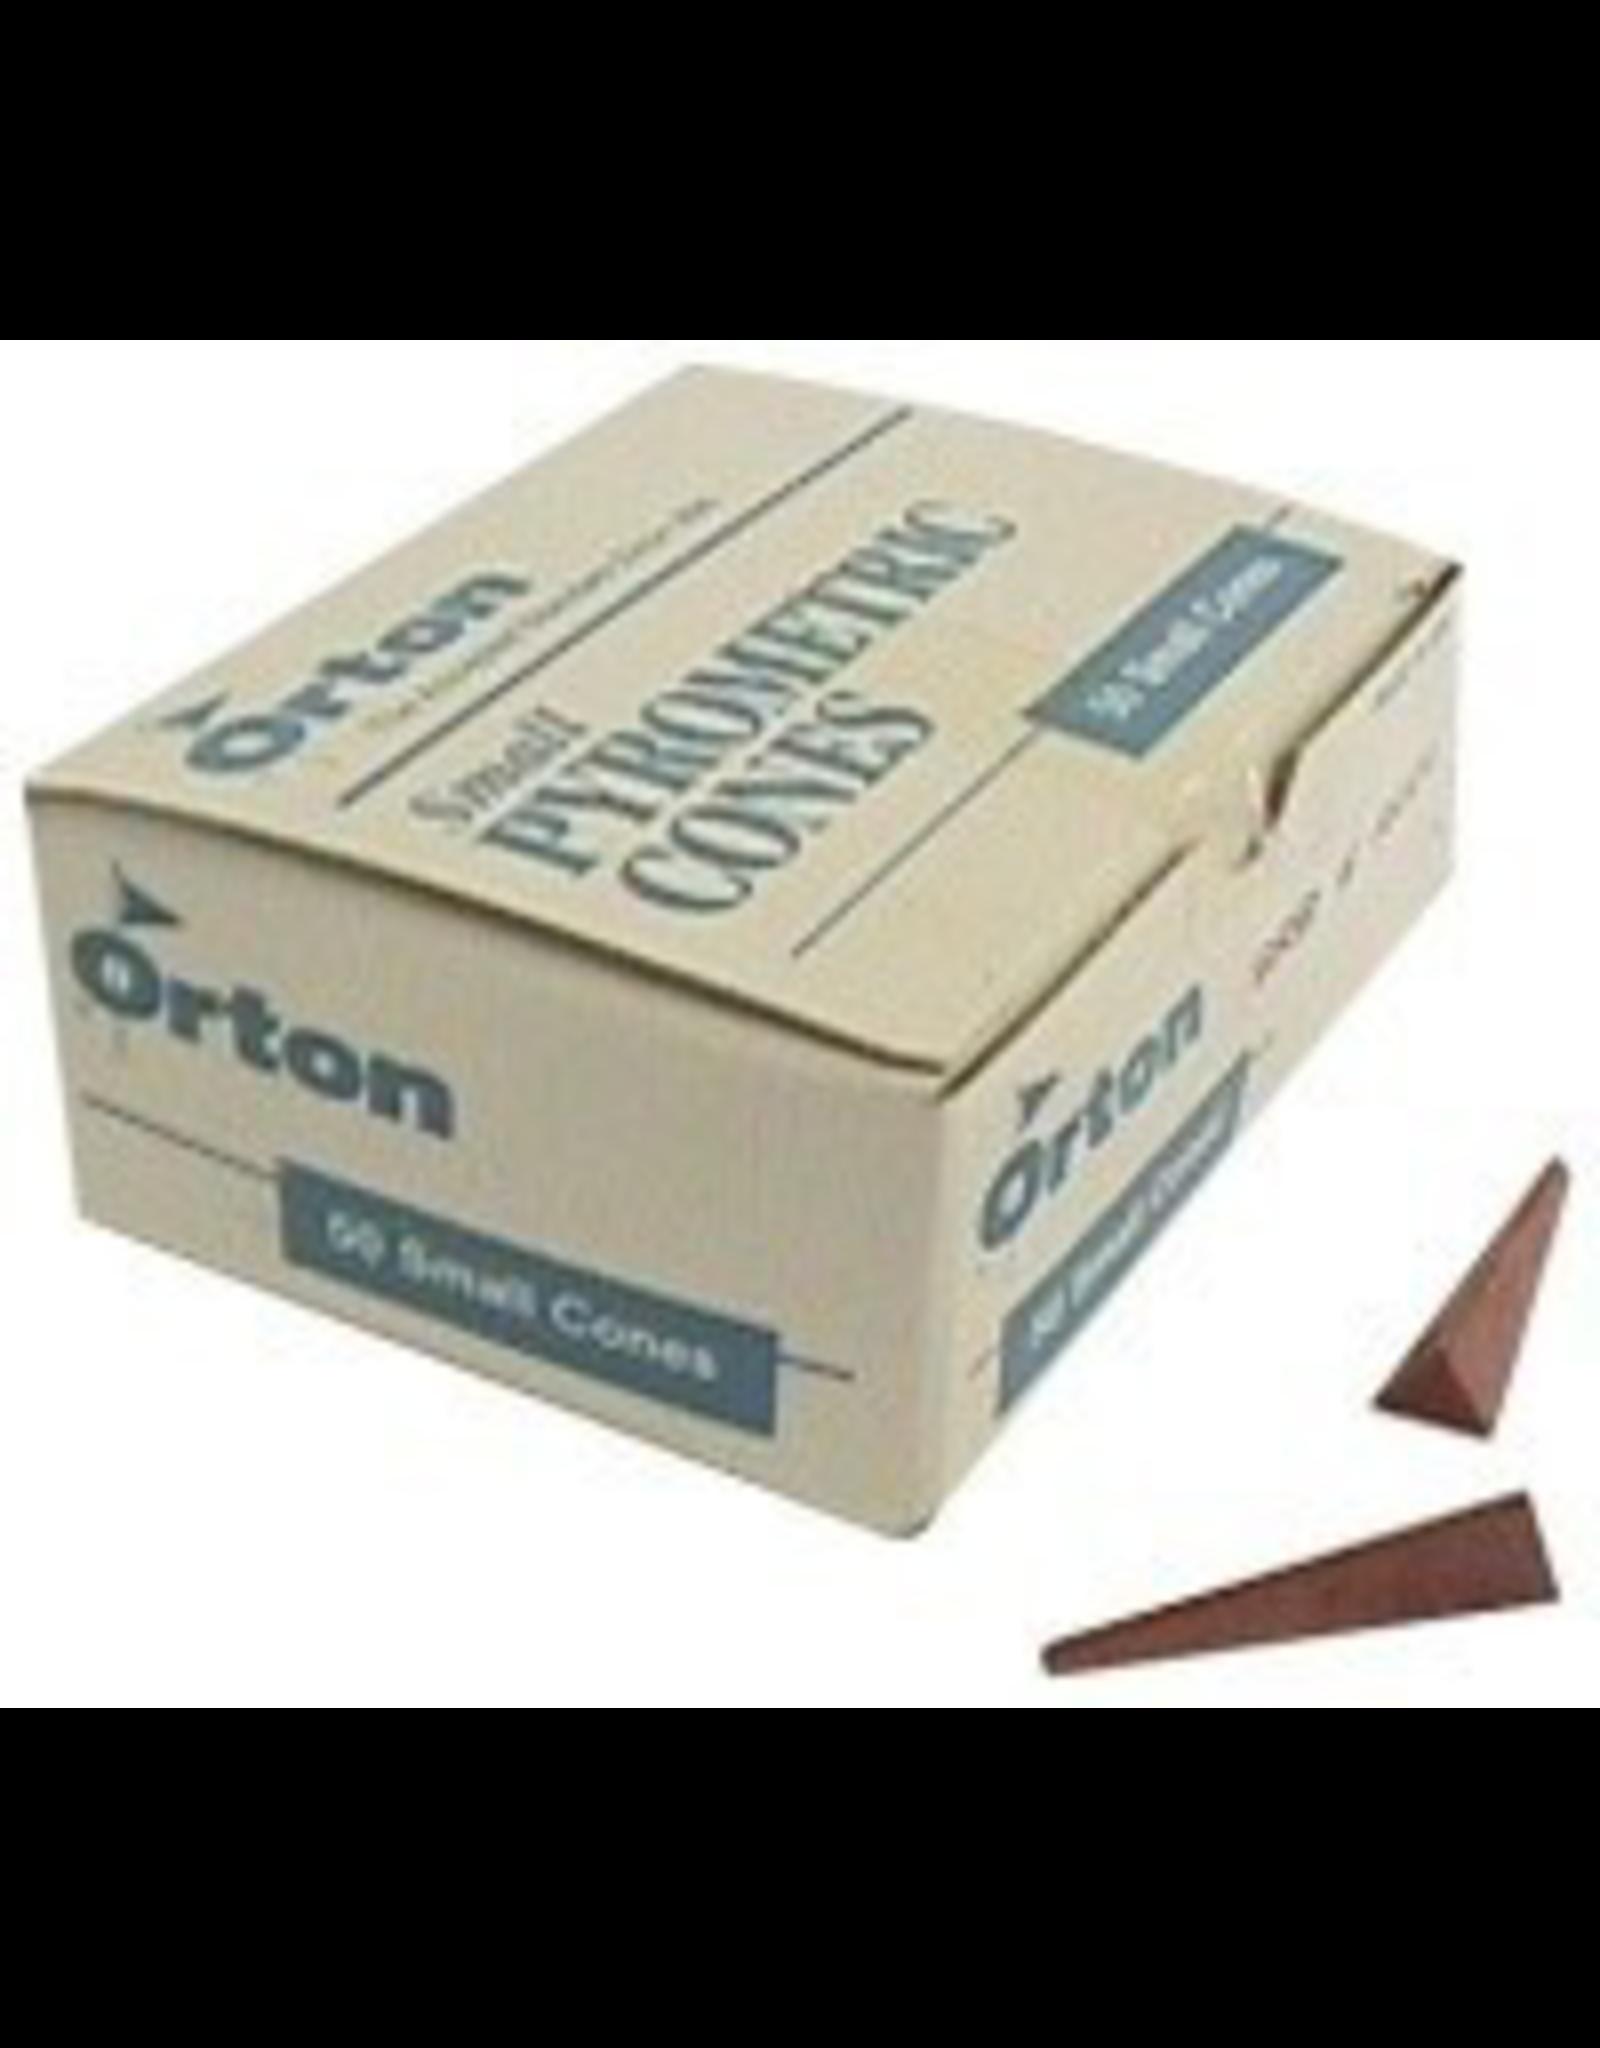 Orton Orton Midget Cone 8 50's